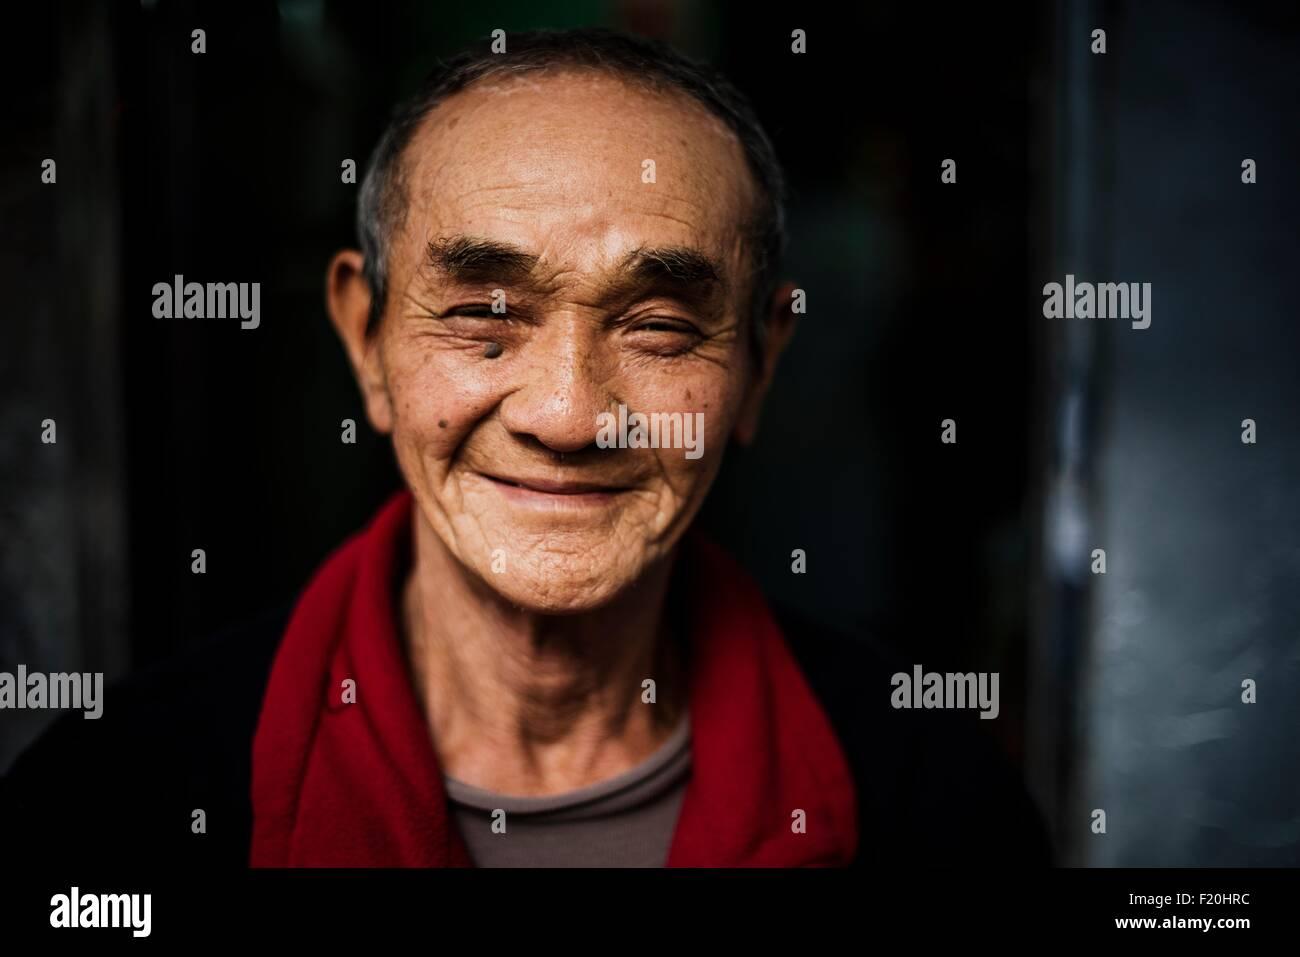 Portrait of senior homme portant un foulard rouge autour du cou à la caméra en souriant Banque D'Images